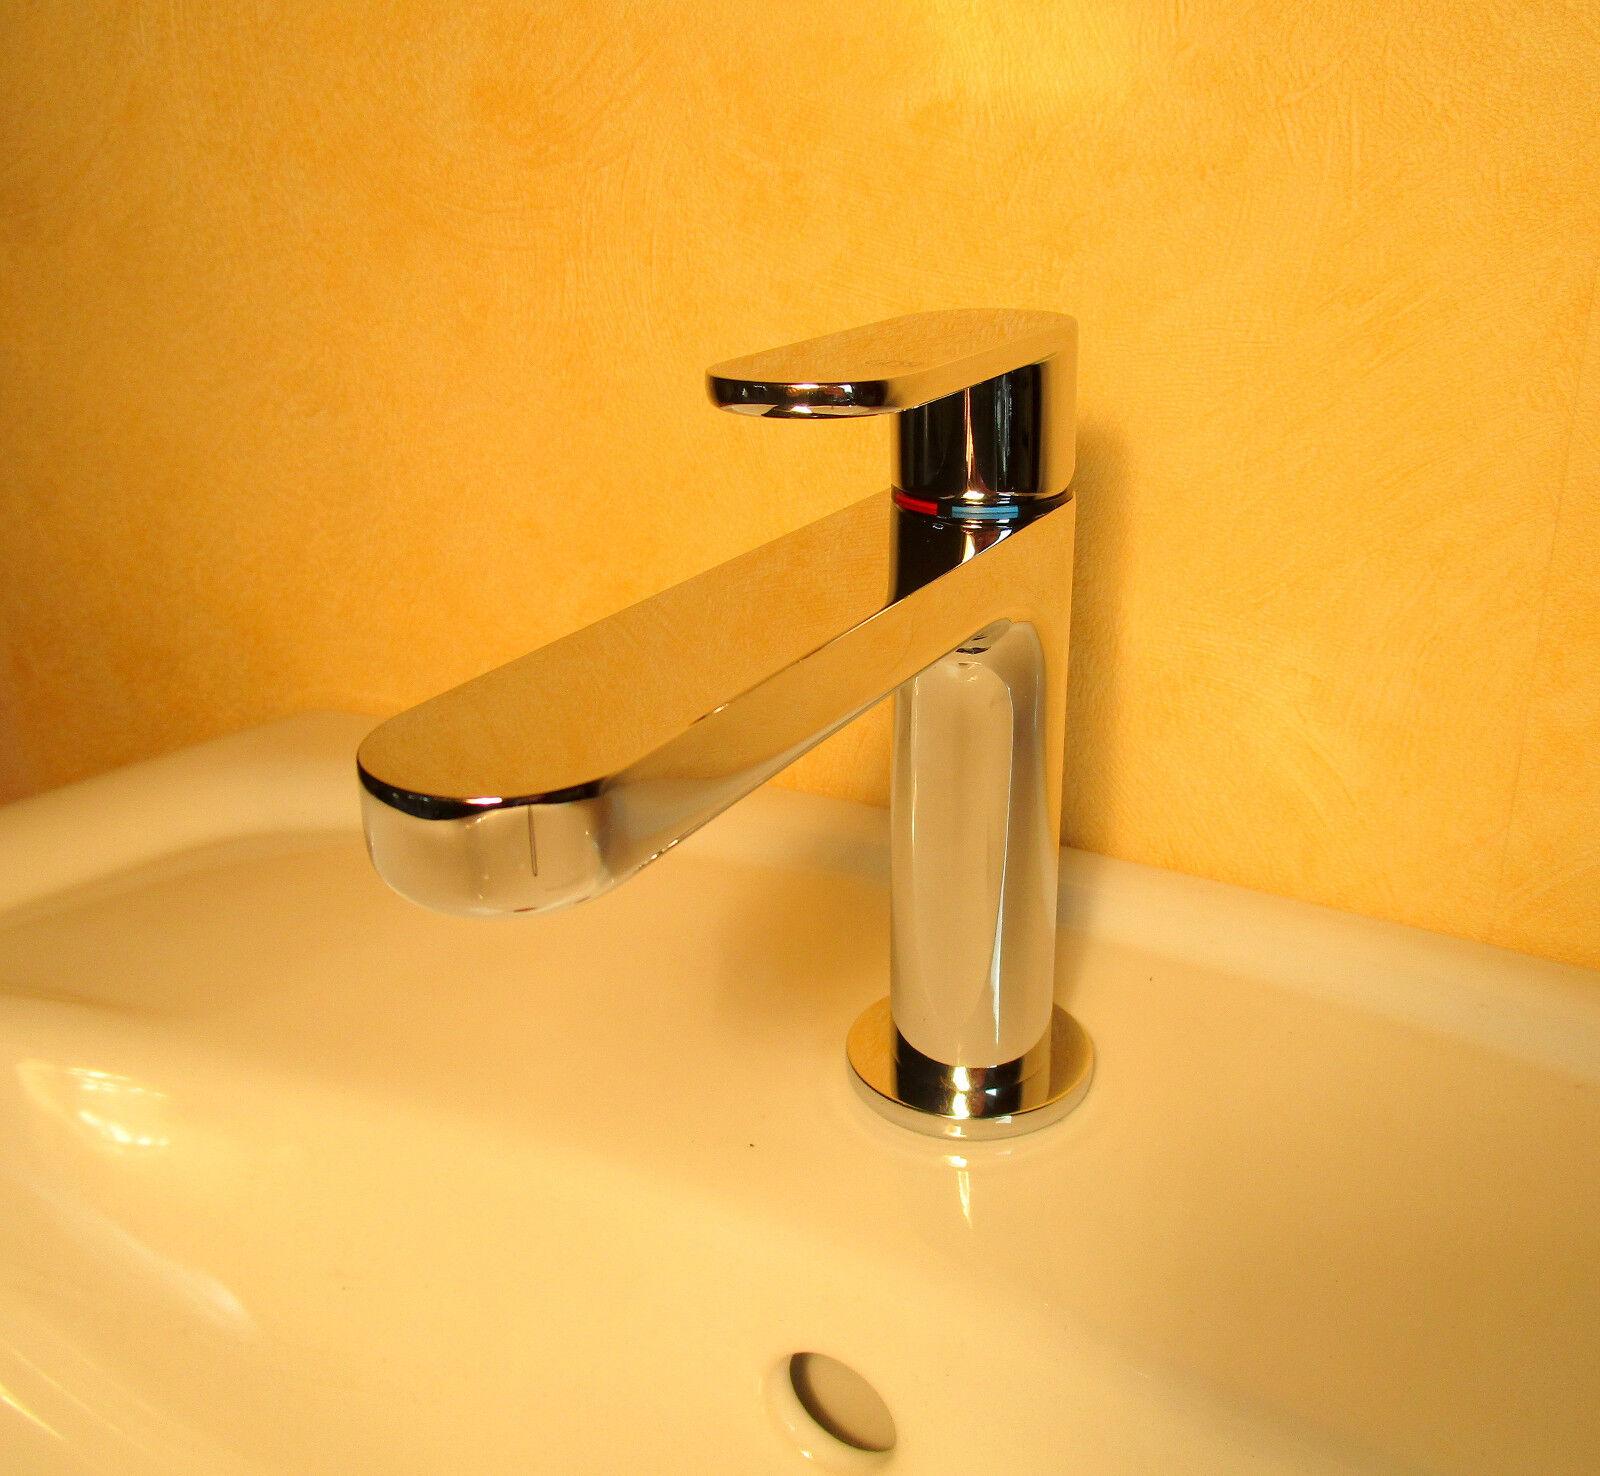 Gessi Emporio Via Bagutta Waschtischeinhebelmischer ohne Ablaufgarnitur; 29910